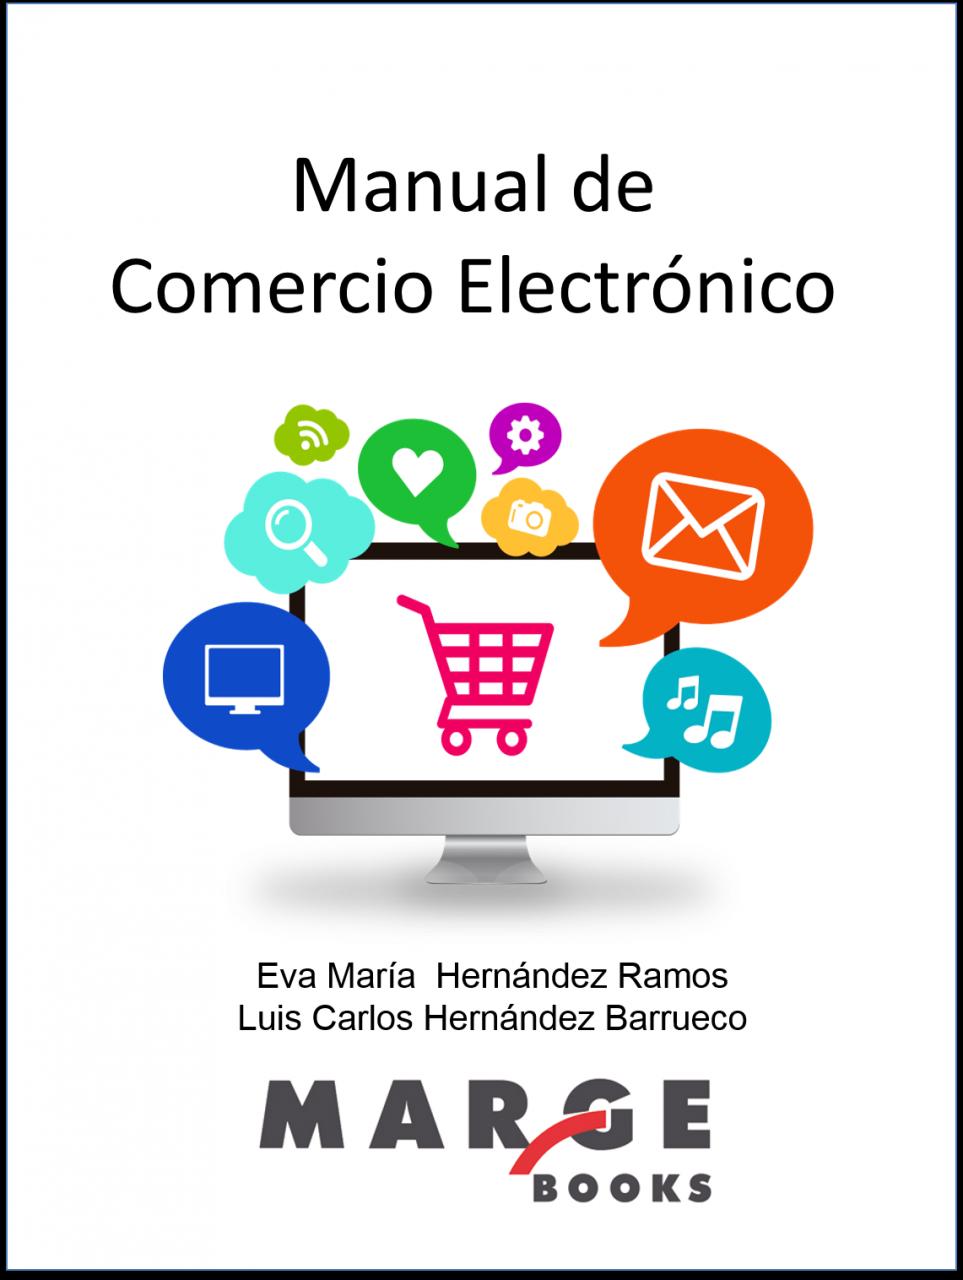 Gran Manual del e-commerce y tendencias digitales 2018